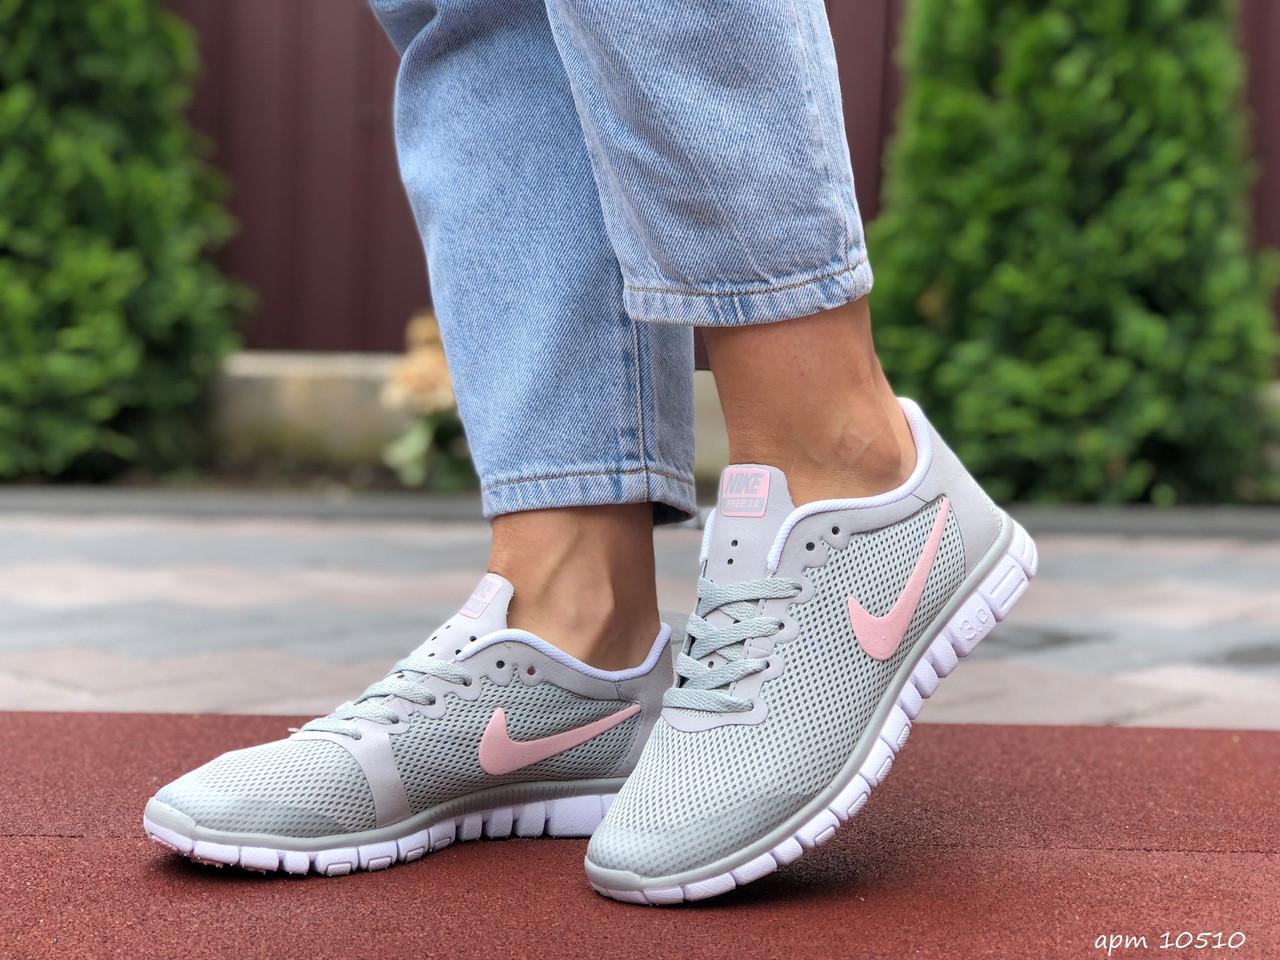 Жіночі літні, легкі кросівки Nike Free Run 3.0 сірі